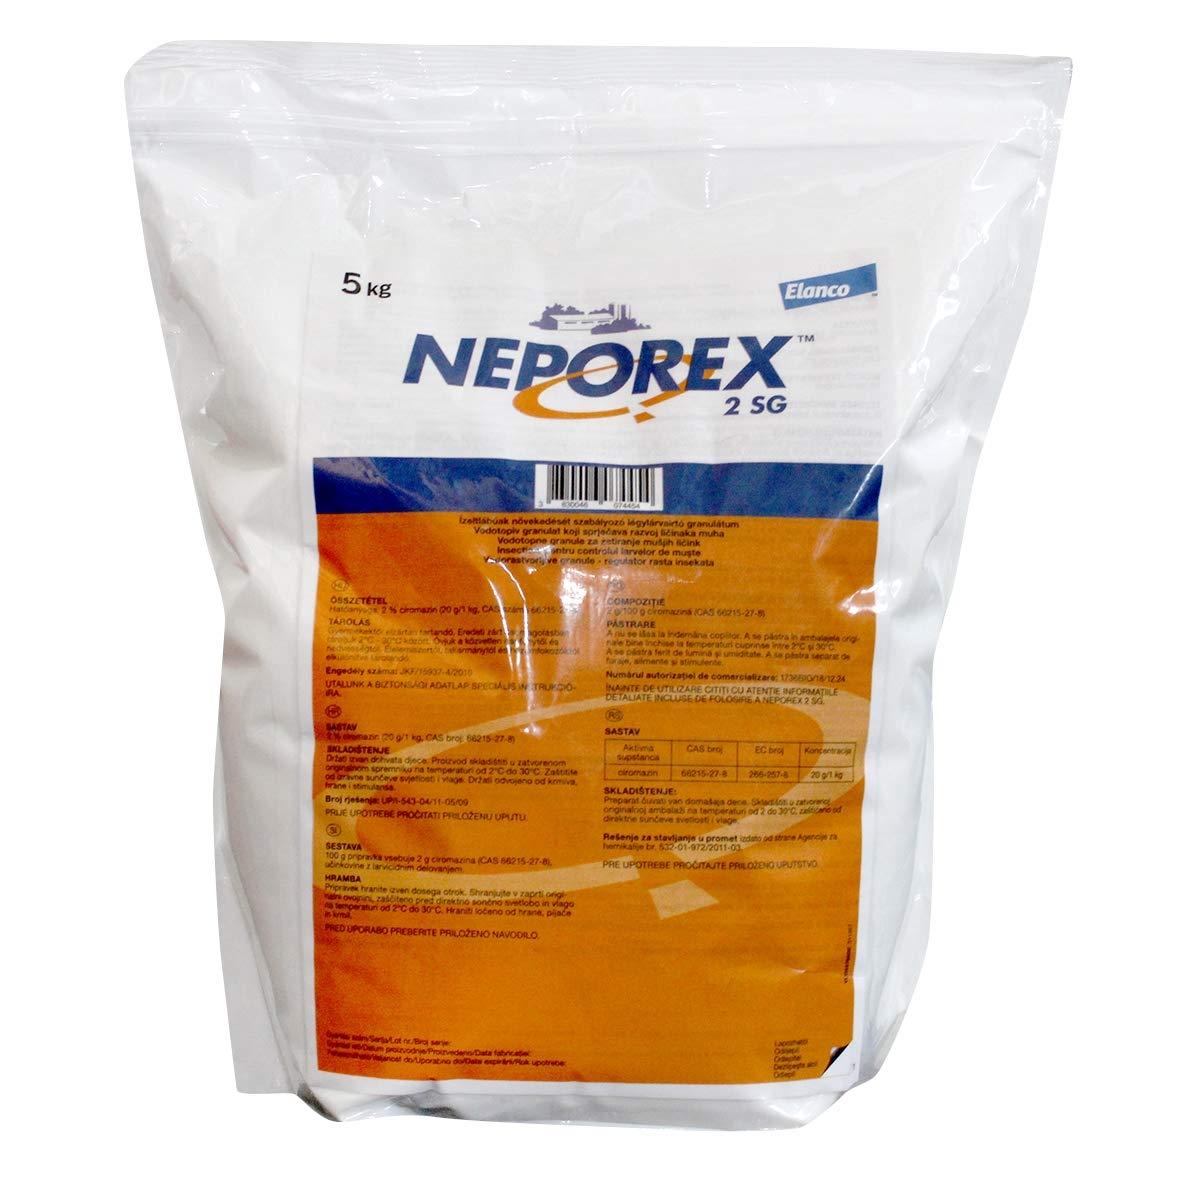 NEPOREX SACO 5 KG